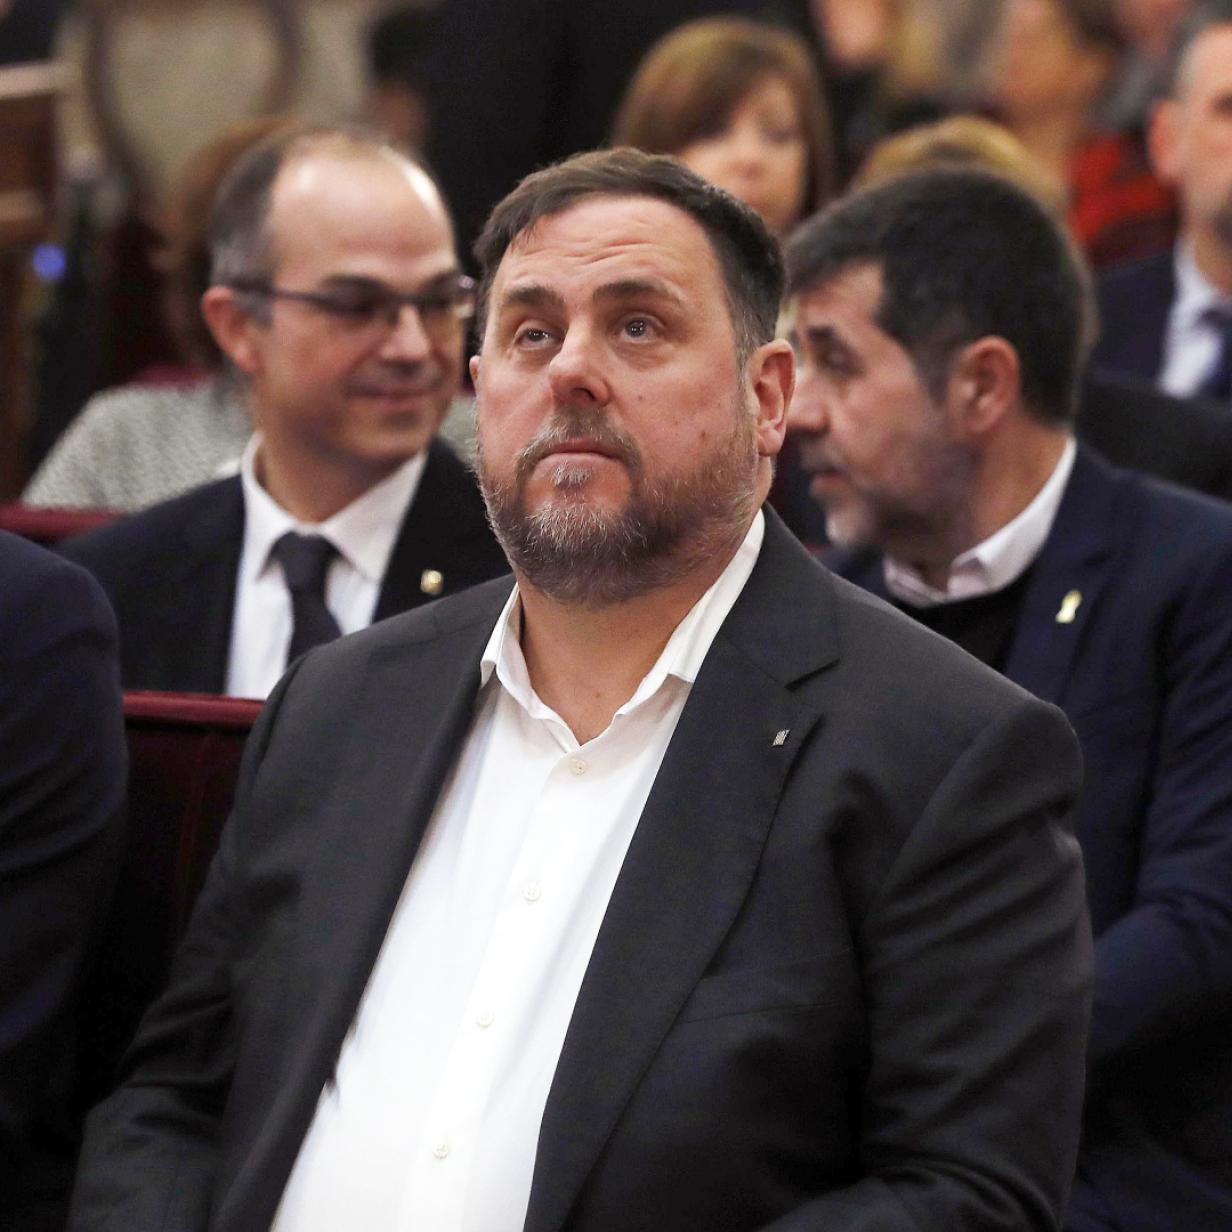 Spanien: Bis zu 13 Jahre Haft für Kataloniens Separatistenführer